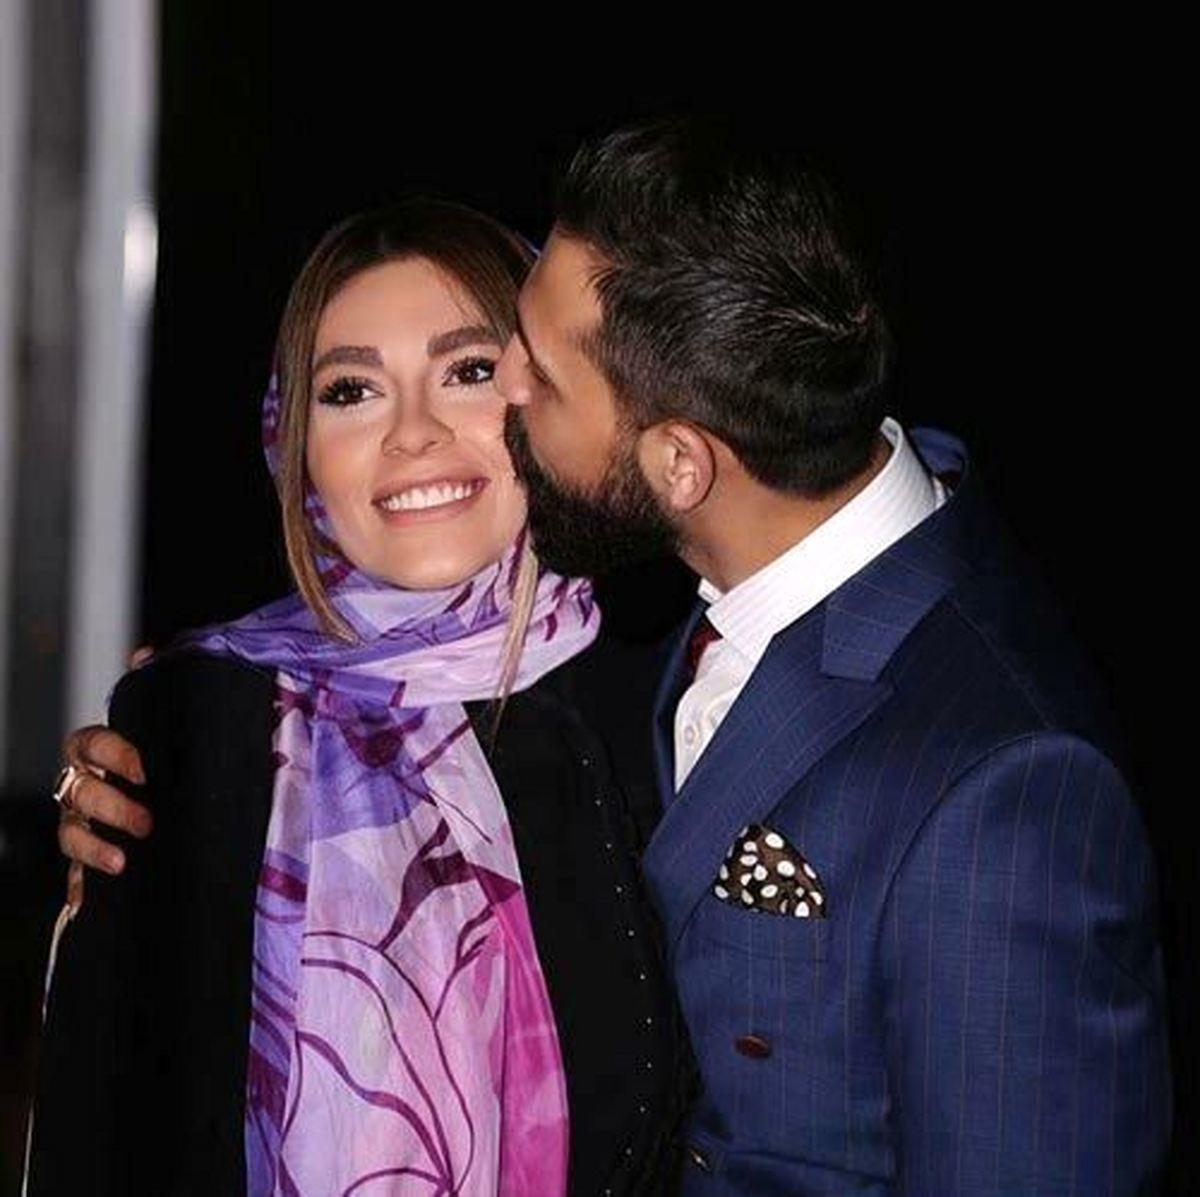 محسن افشانی فیلم لباس پوشیدن همسرش را پخش کرد + فیلم جنجالی